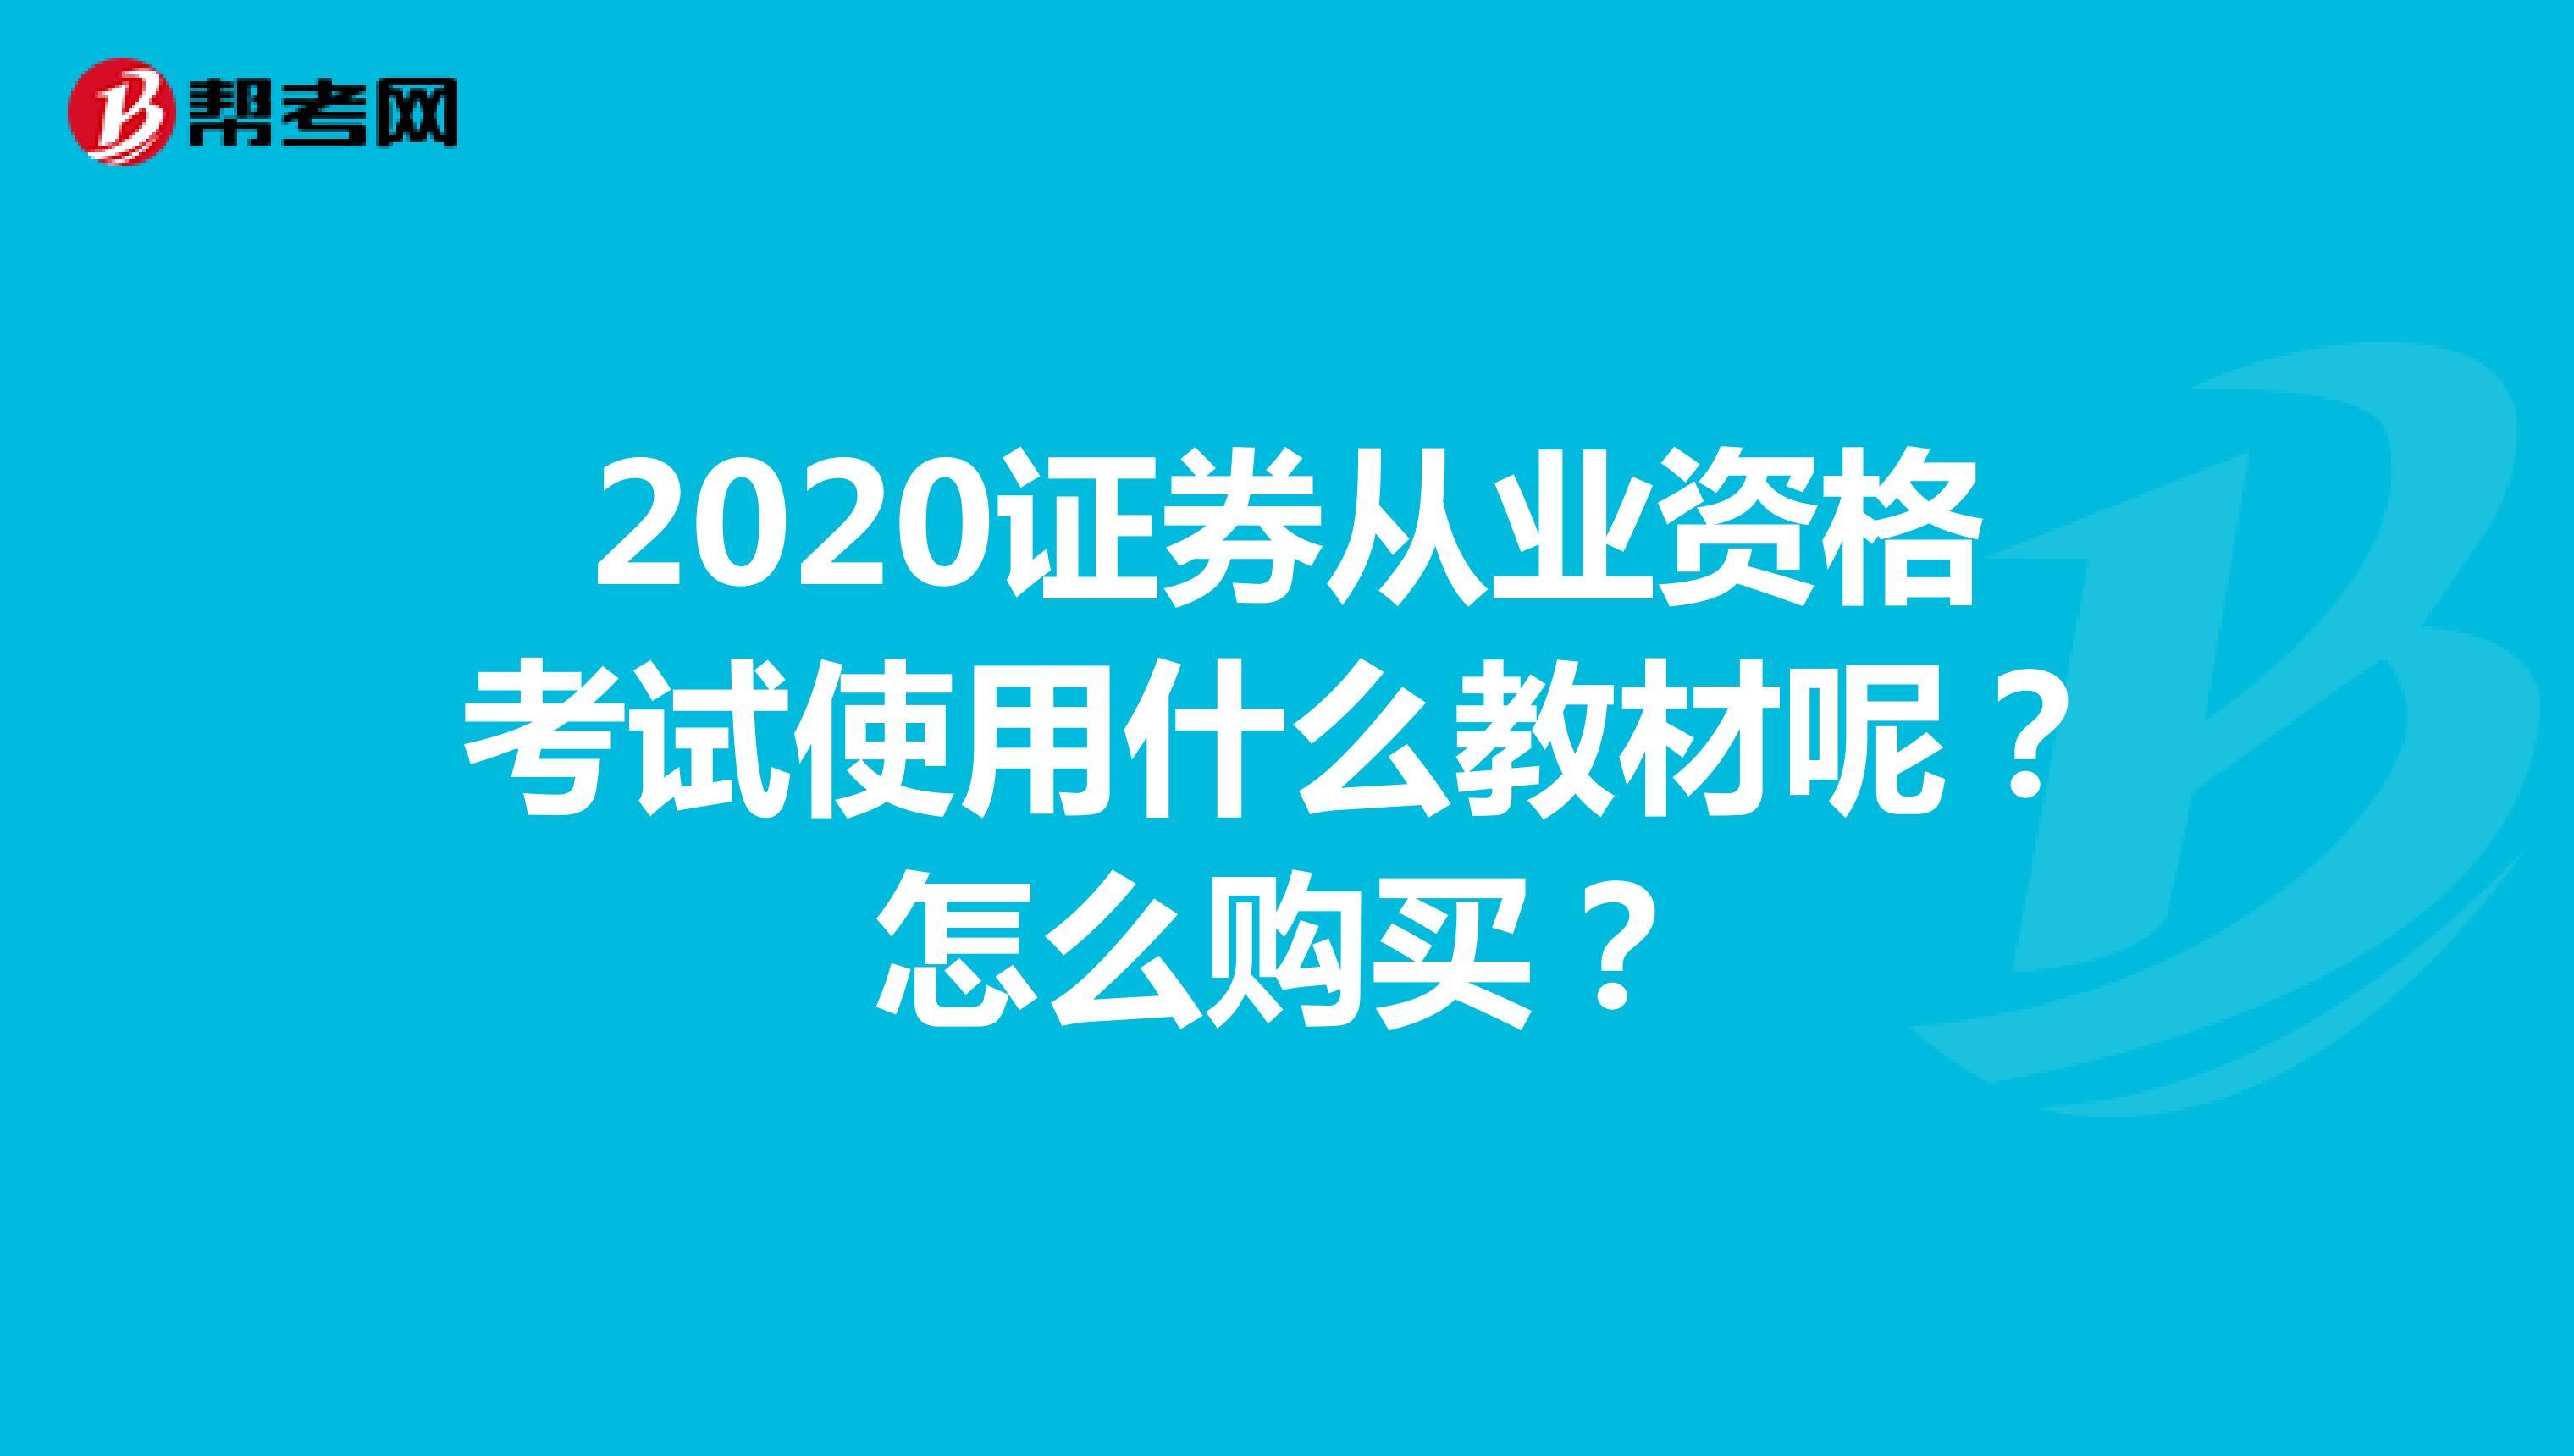 2020证券从业资格考试使用什么教材呢?怎么购买?